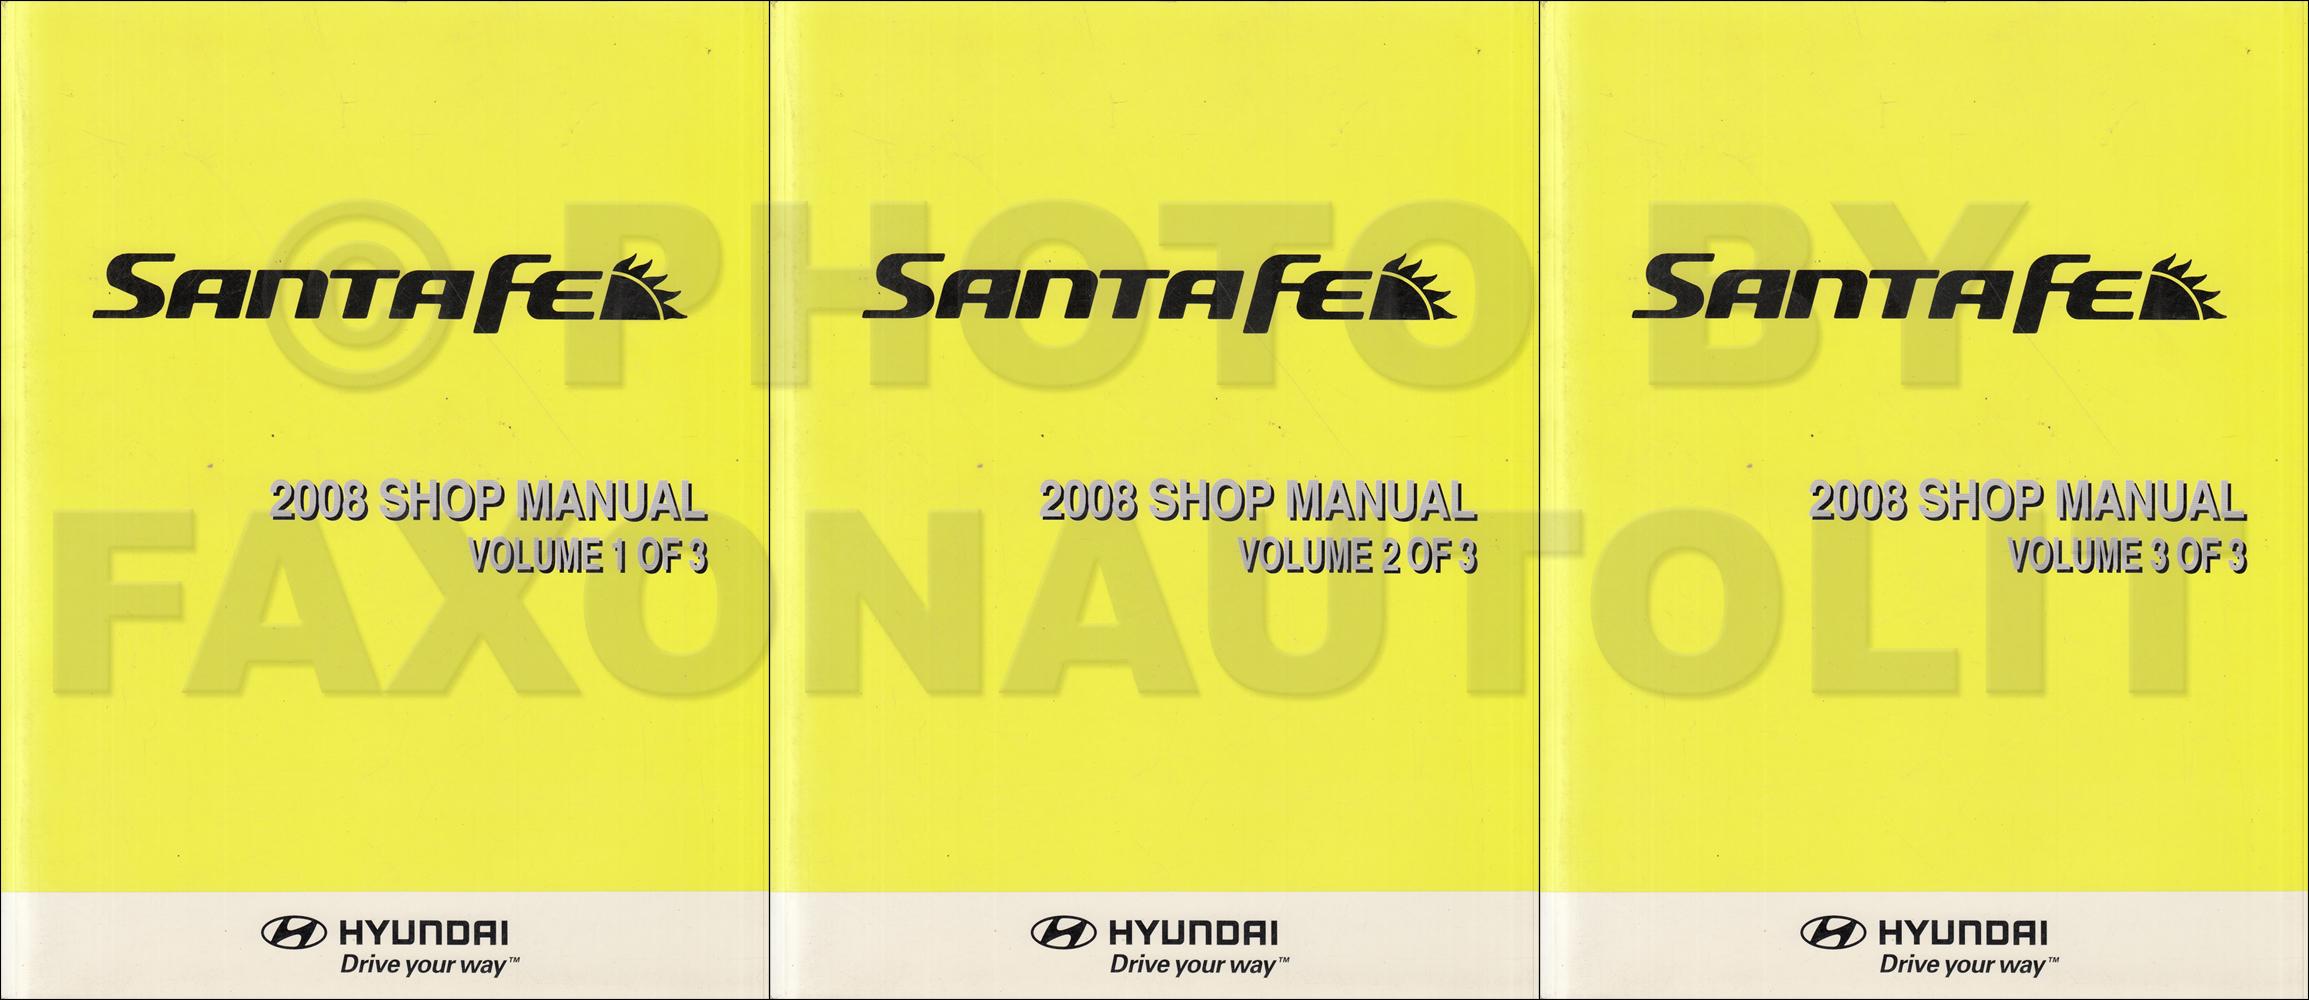 2008 hyundai santa fe repair shop manual 3 volume set original rh faxonautoliterature com 2004 hyundai santa fe owners manual pdf 2004 hyundai santa fe repair manual free download